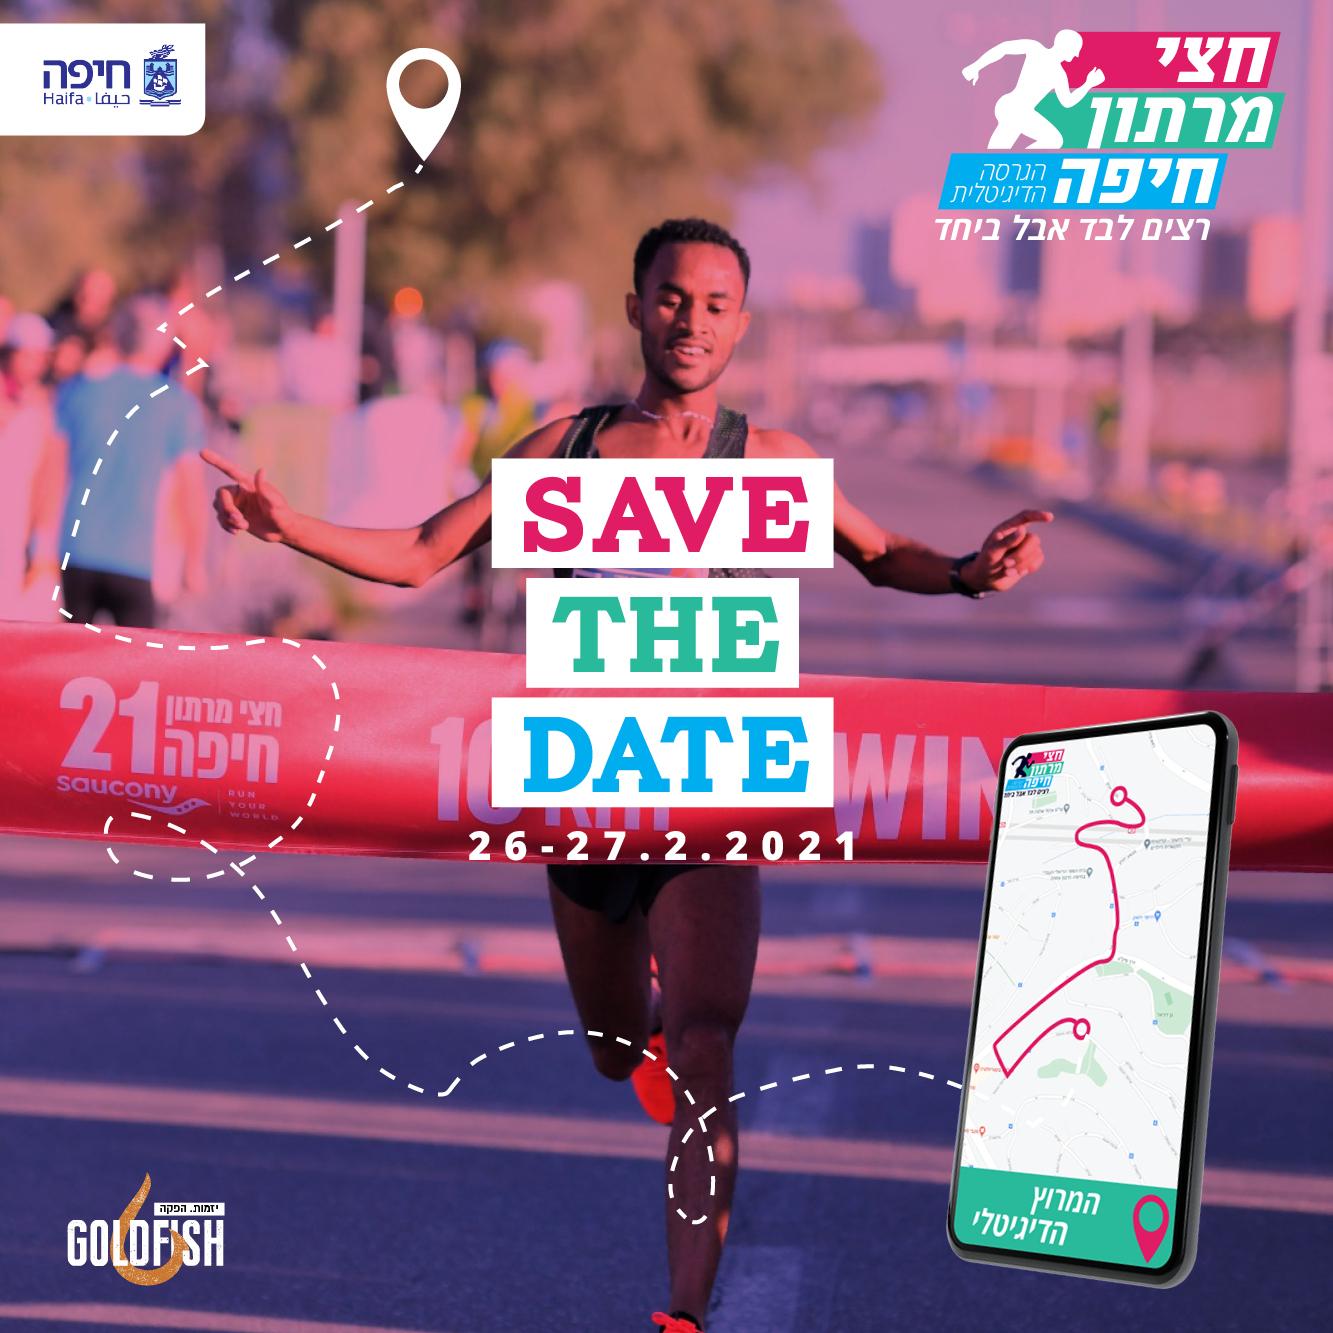 חצי מרתון חיפה 2021 הגרסה הוירטואלית